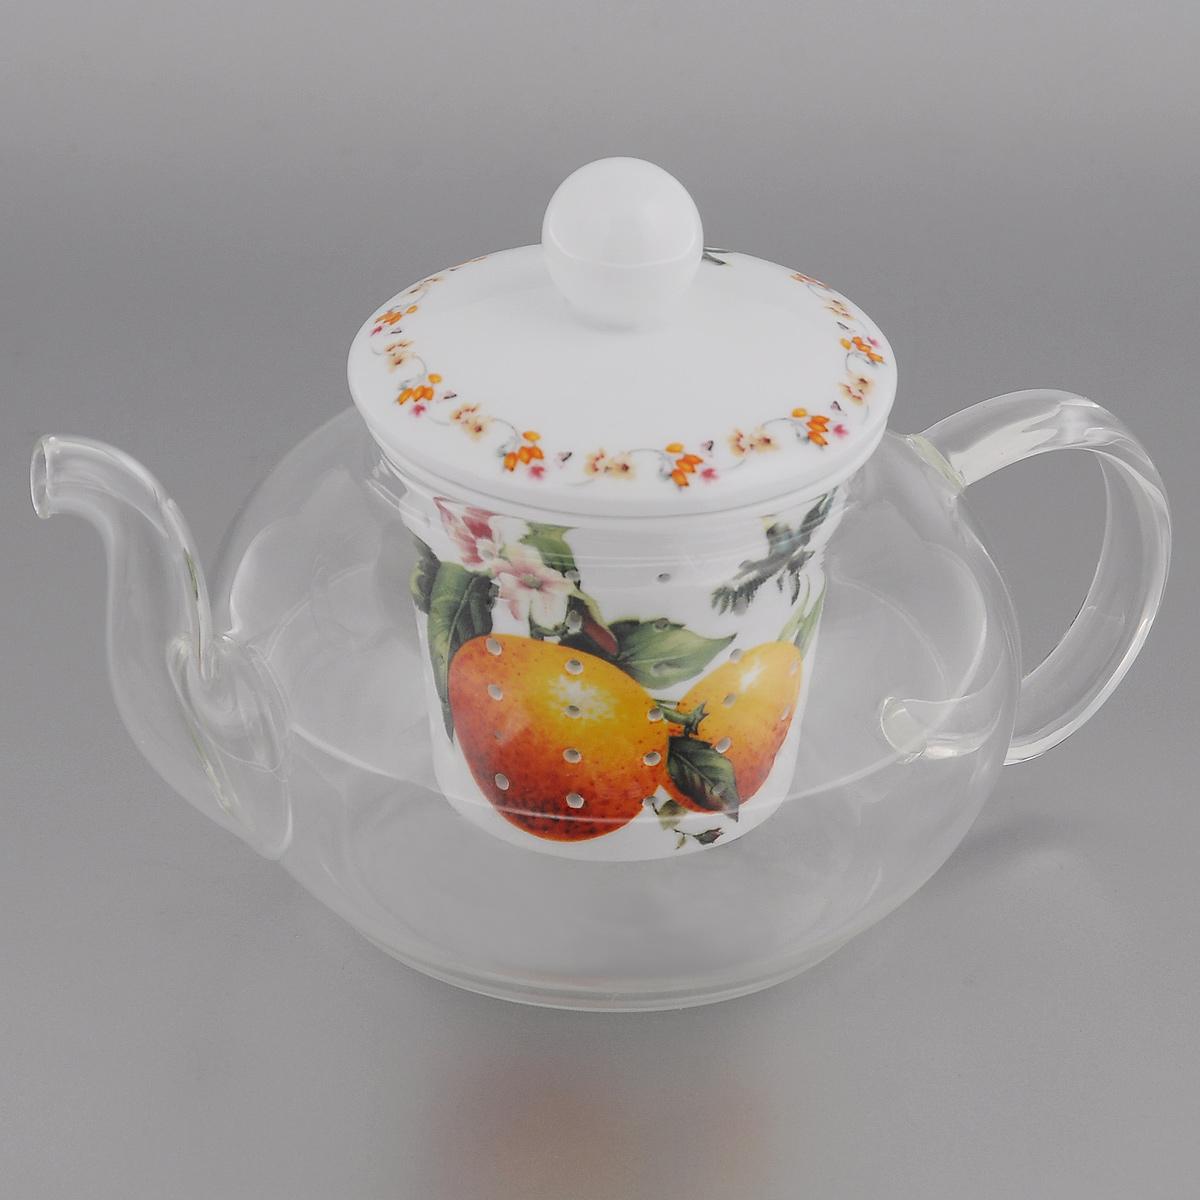 Чайник заварочный Lillo Апельсин, 600 млAW 12Заварочный чайник Lillo Апельсин изготовлен из жаропрочного стекла, которое хорошо удерживает тепло, даже если стенки достаточно тонкие. Чайник снабжен крышкой и съемным фильтром для заварки, выполненными из керамики с изящным изображением апельсинов. Благодаря маленьким отверстиям фильтр предотвращает попадание чаинок и листочков в настой. Чайник сочетает в себе оригинальный дизайн и функциональность. Он поможет заварить вкусный и аромат чай, а стильный дизайн красиво дополнит сервировку стола к чаепитию. Нельзя мыть в посудомоечной машине. Можно использовать в микроволновой печи. Диаметр (по верхнему краю): 7 см. Высота чайника: 7,5 см. Высота фильтра: 6,5 см.